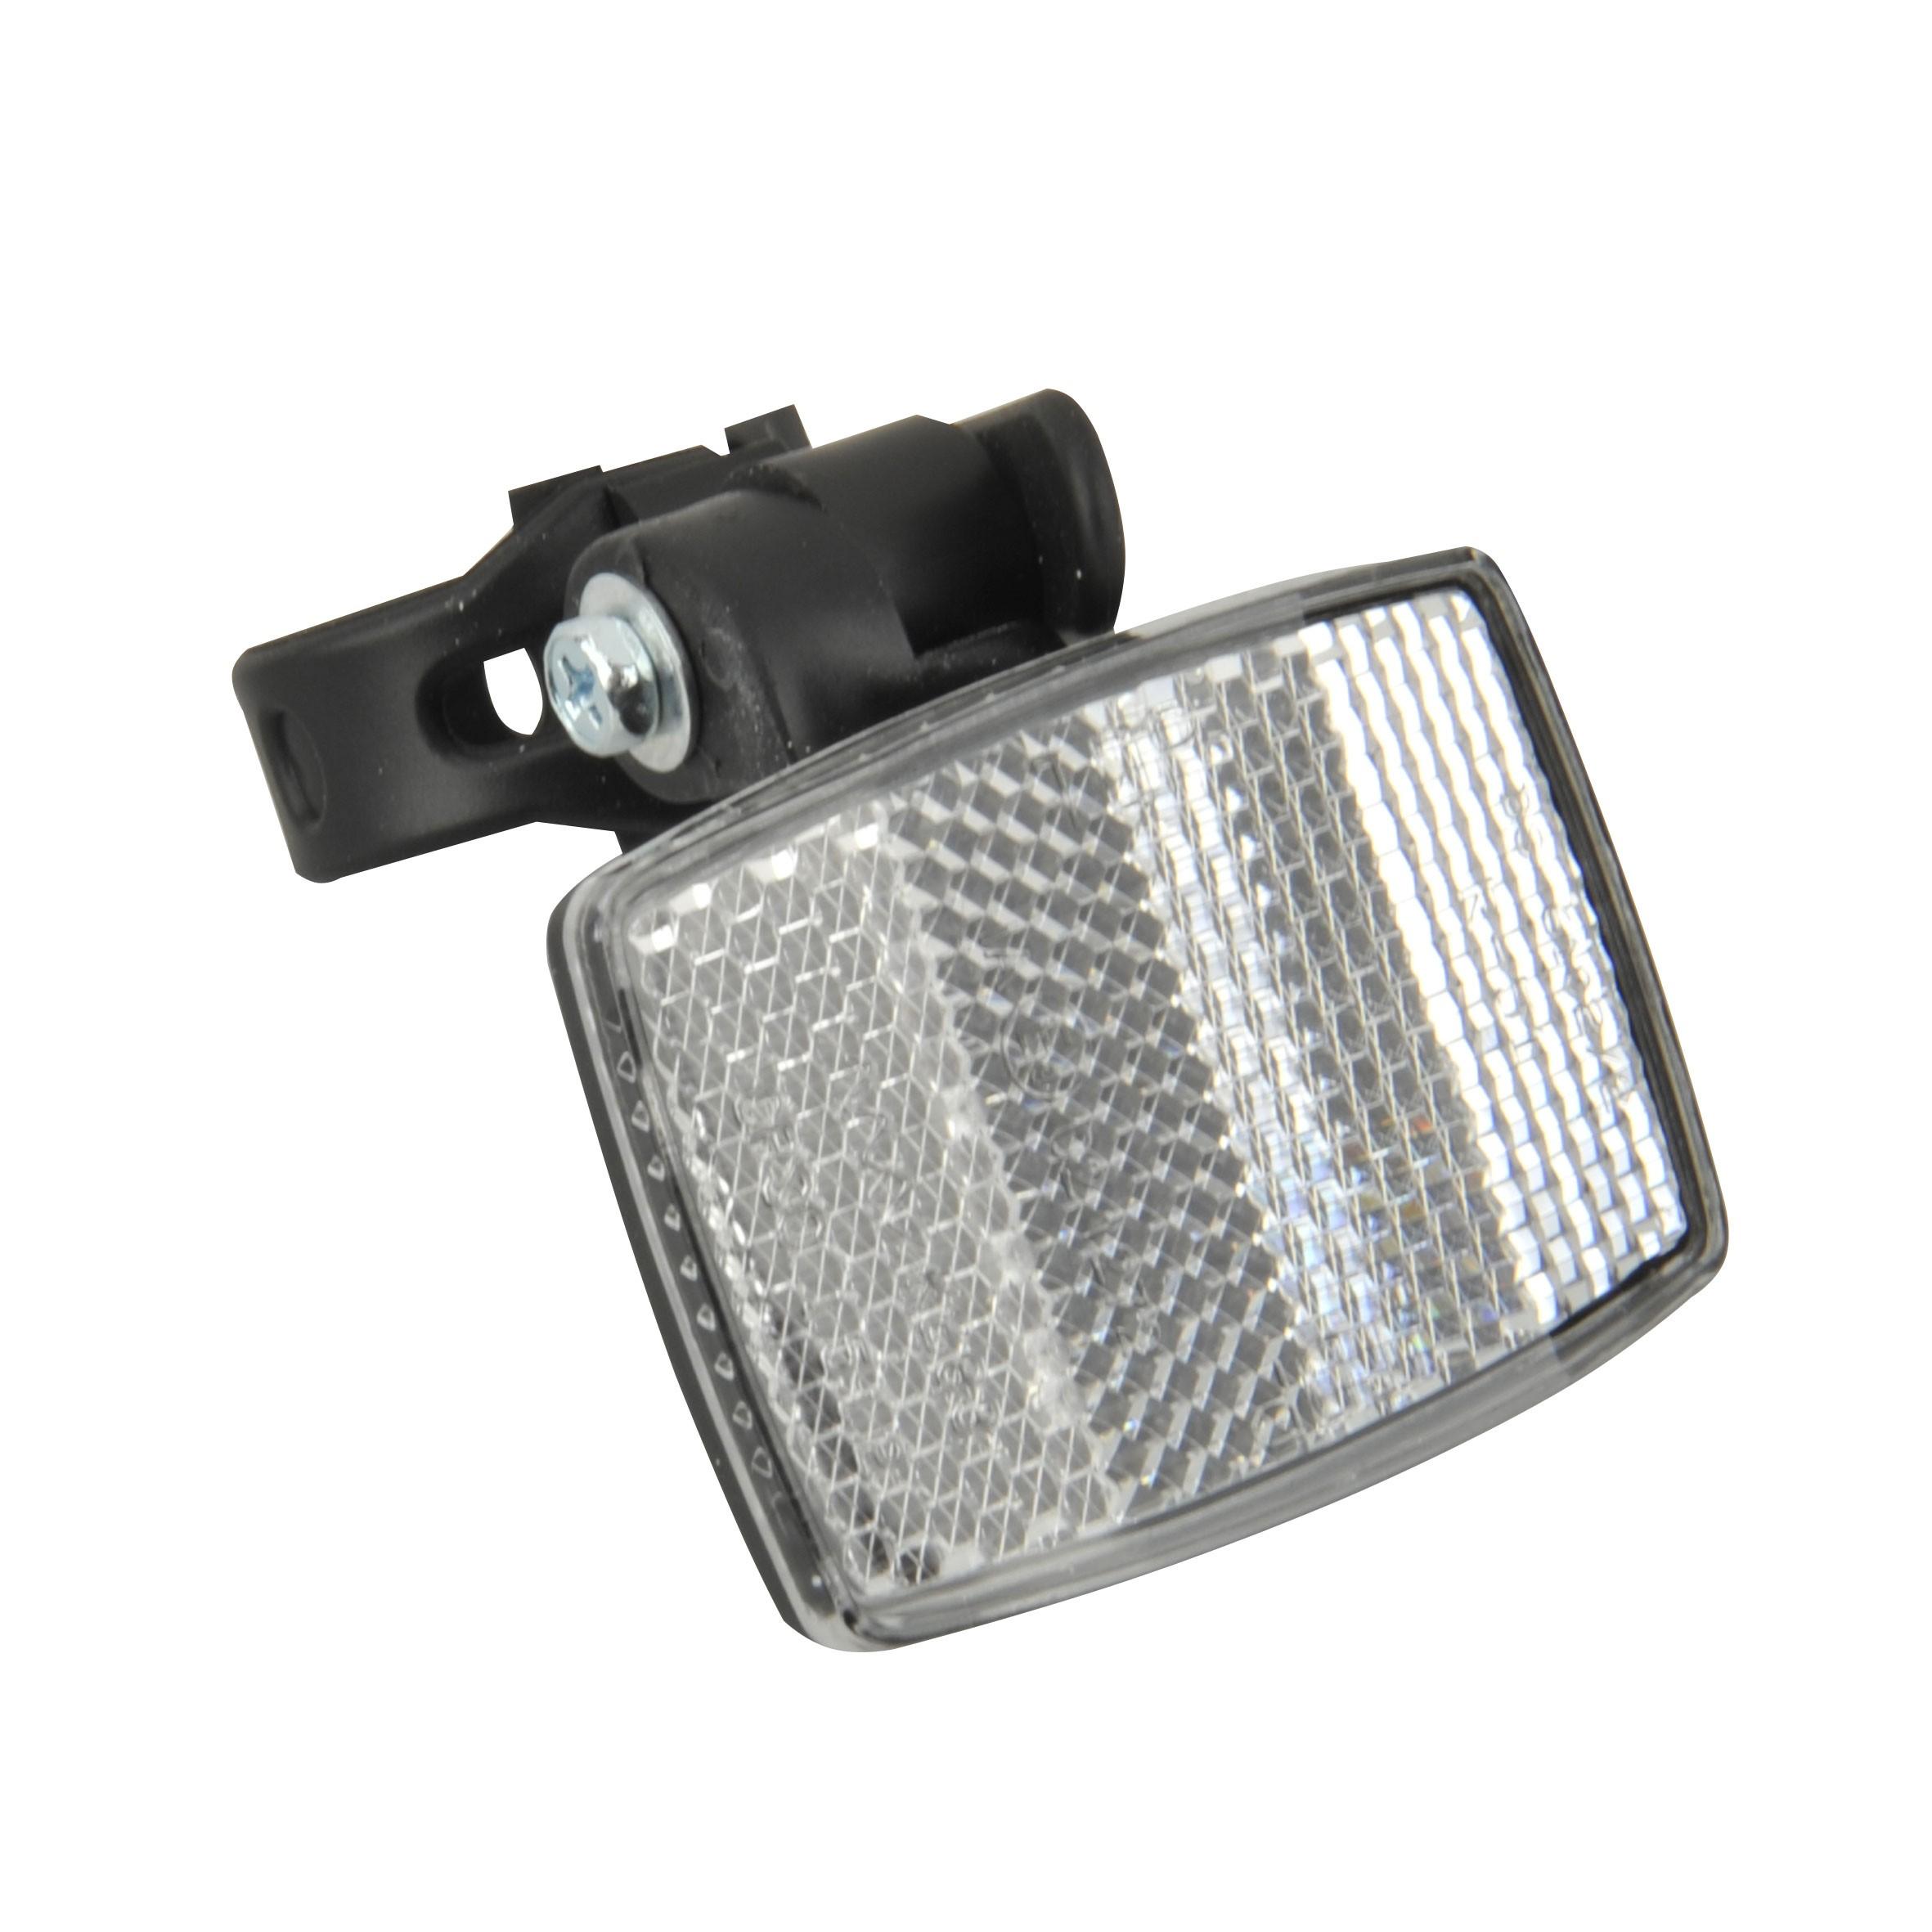 Fischer Fahrrad Reflektoren / Front-Reflektor für Vorbaubefestigung Bild 1